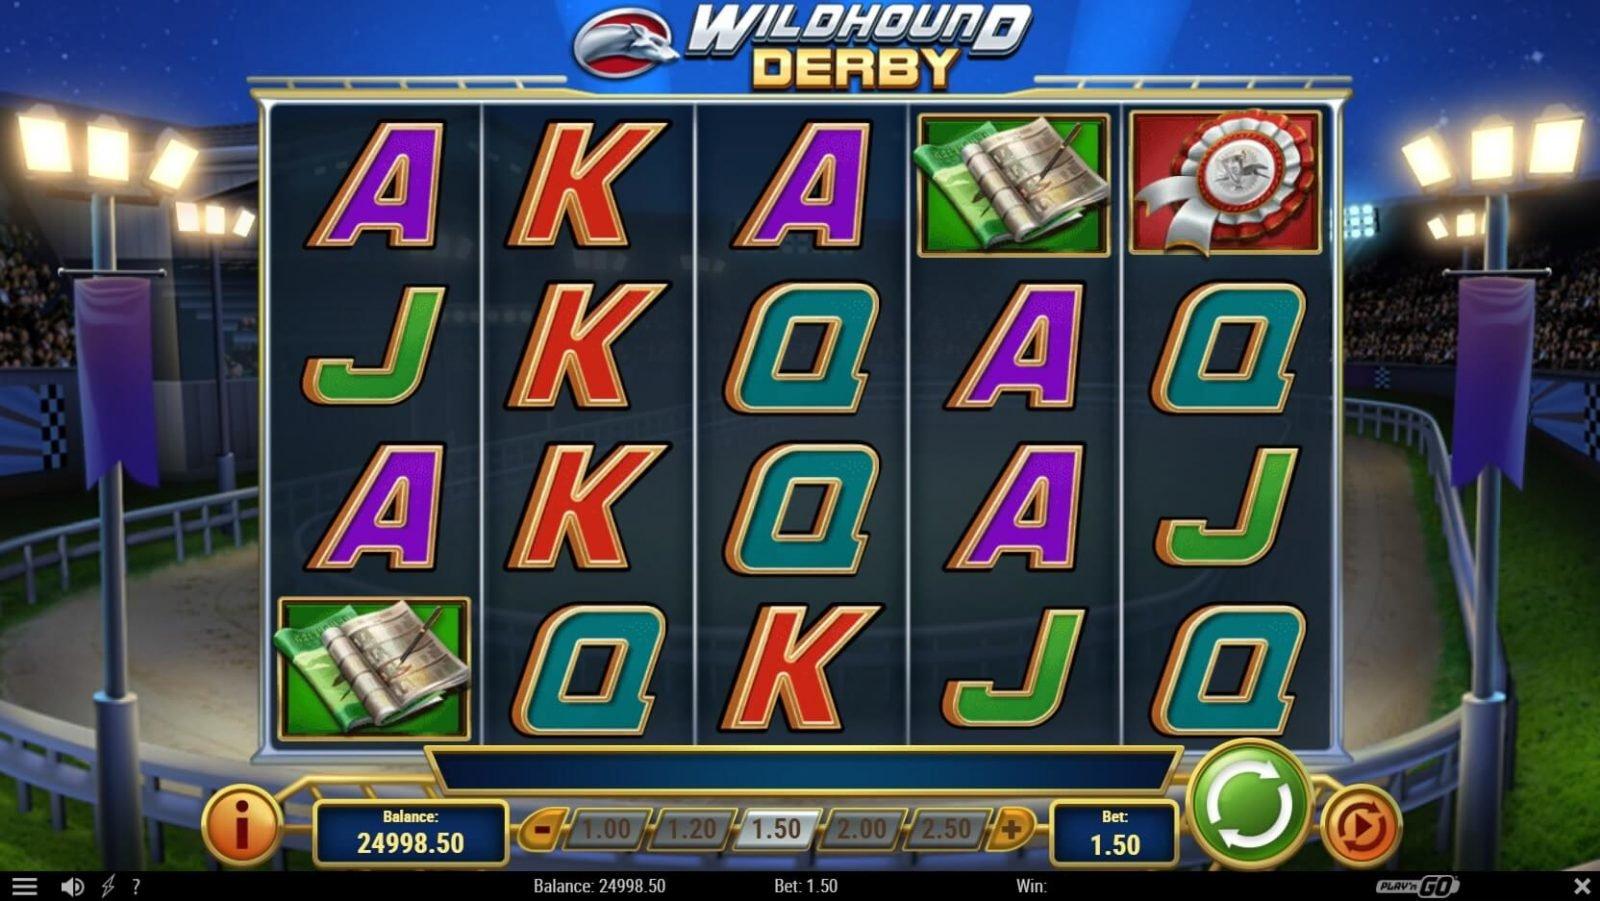 WildHound Derby Slots